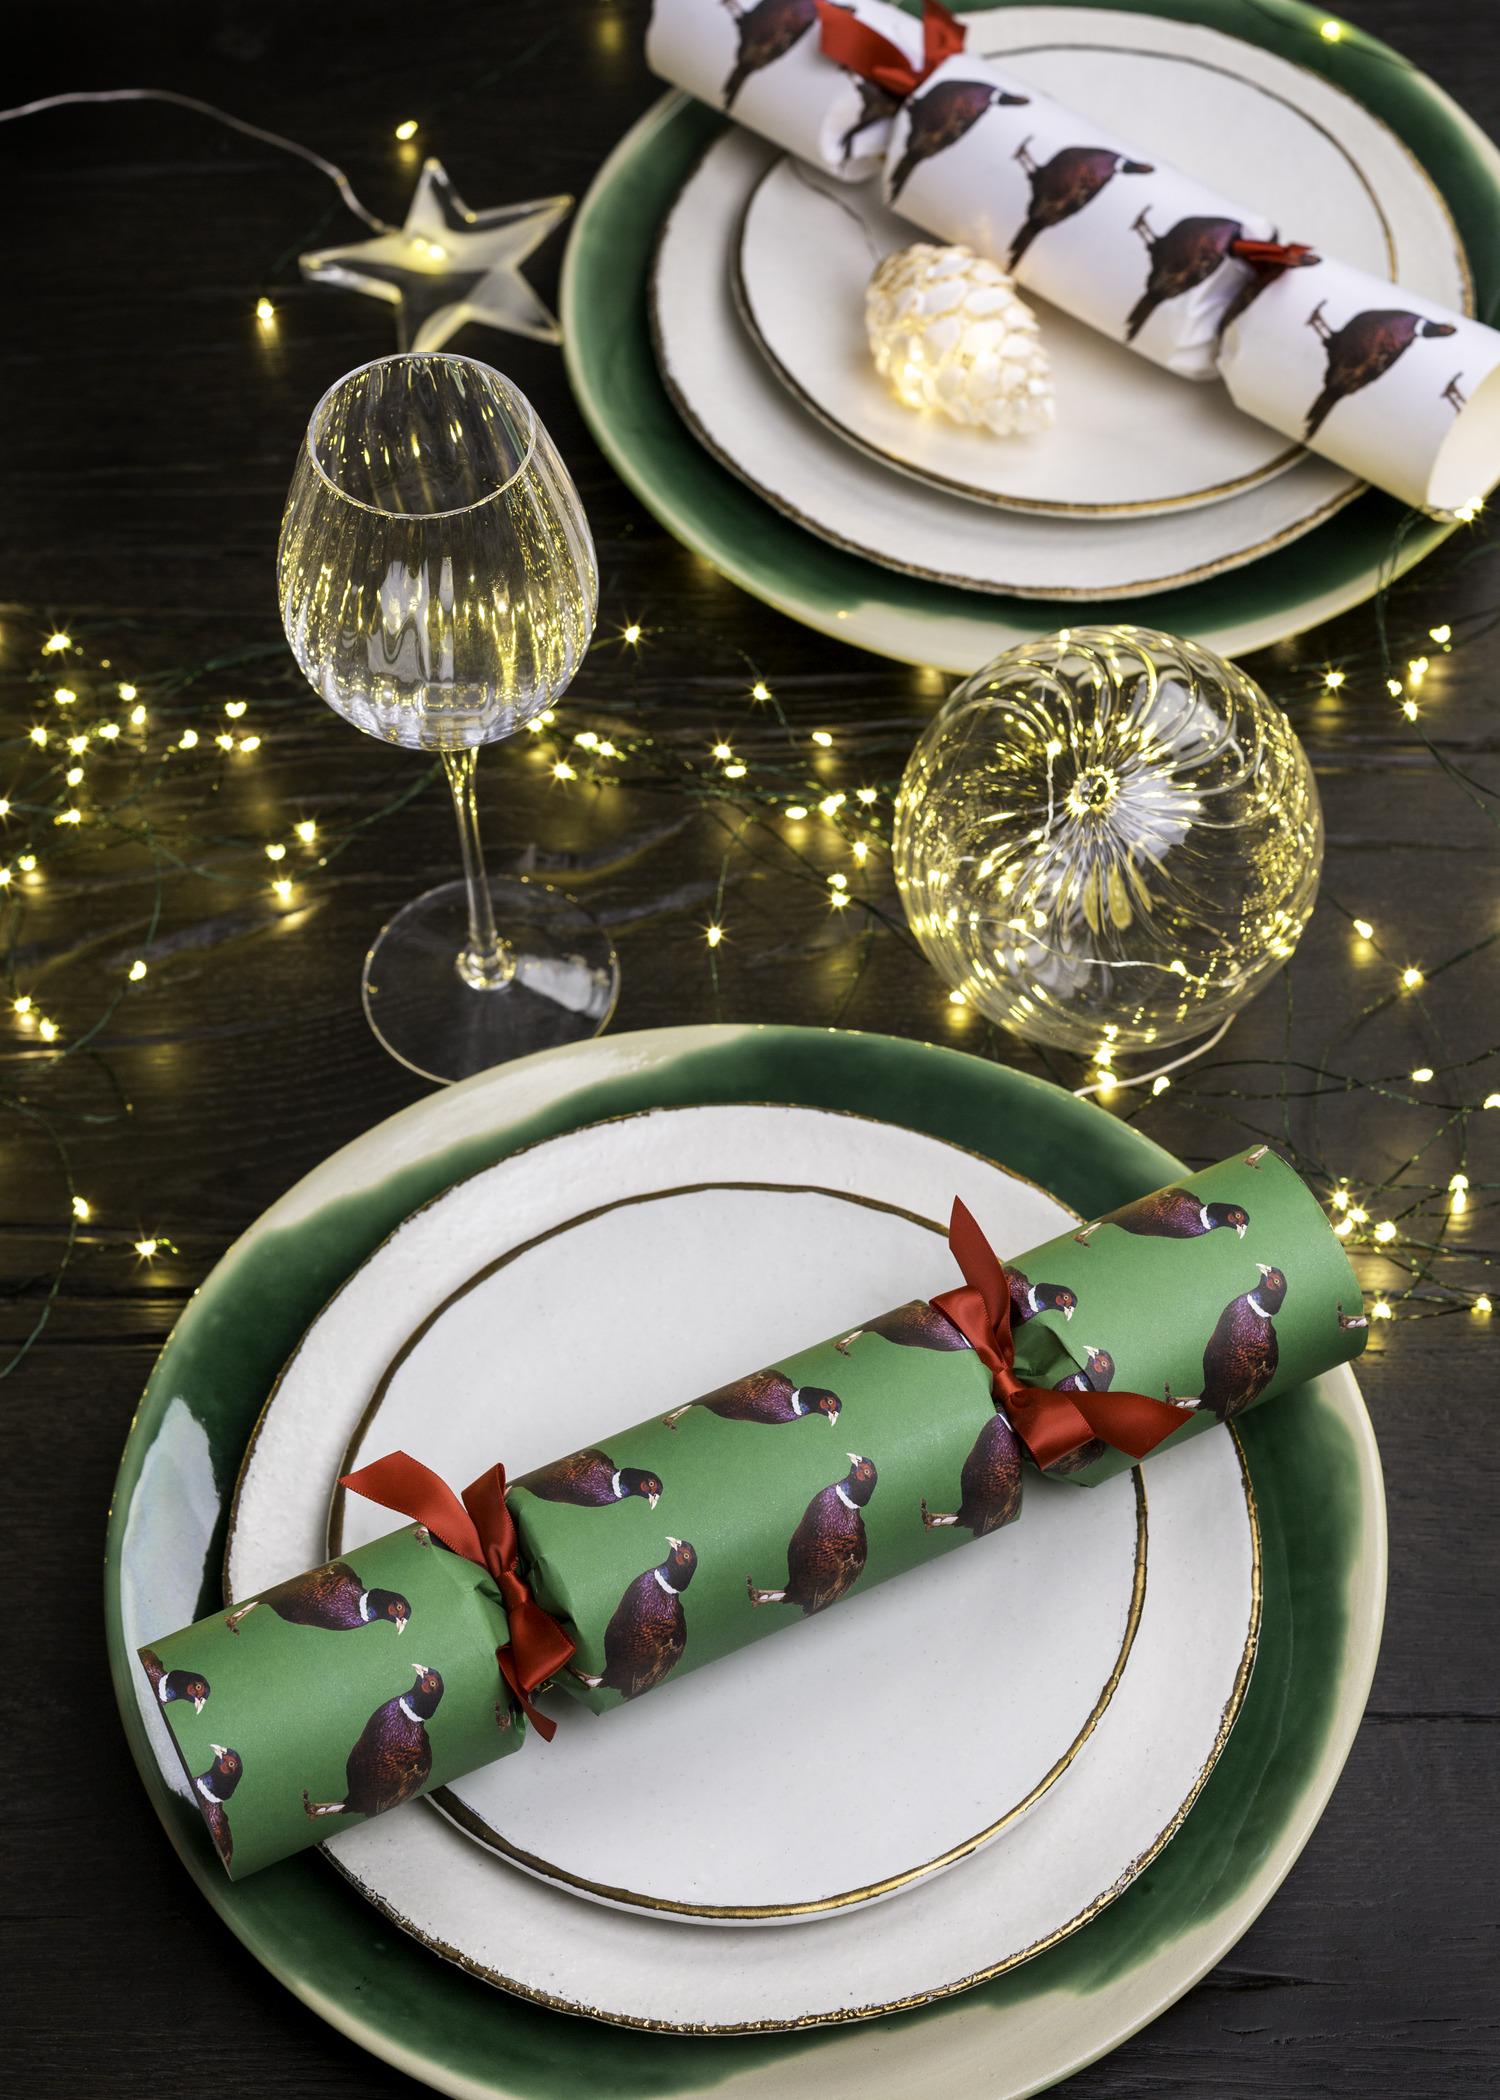 Tis The Season To Celebrate Christmas Table Setting Ideas